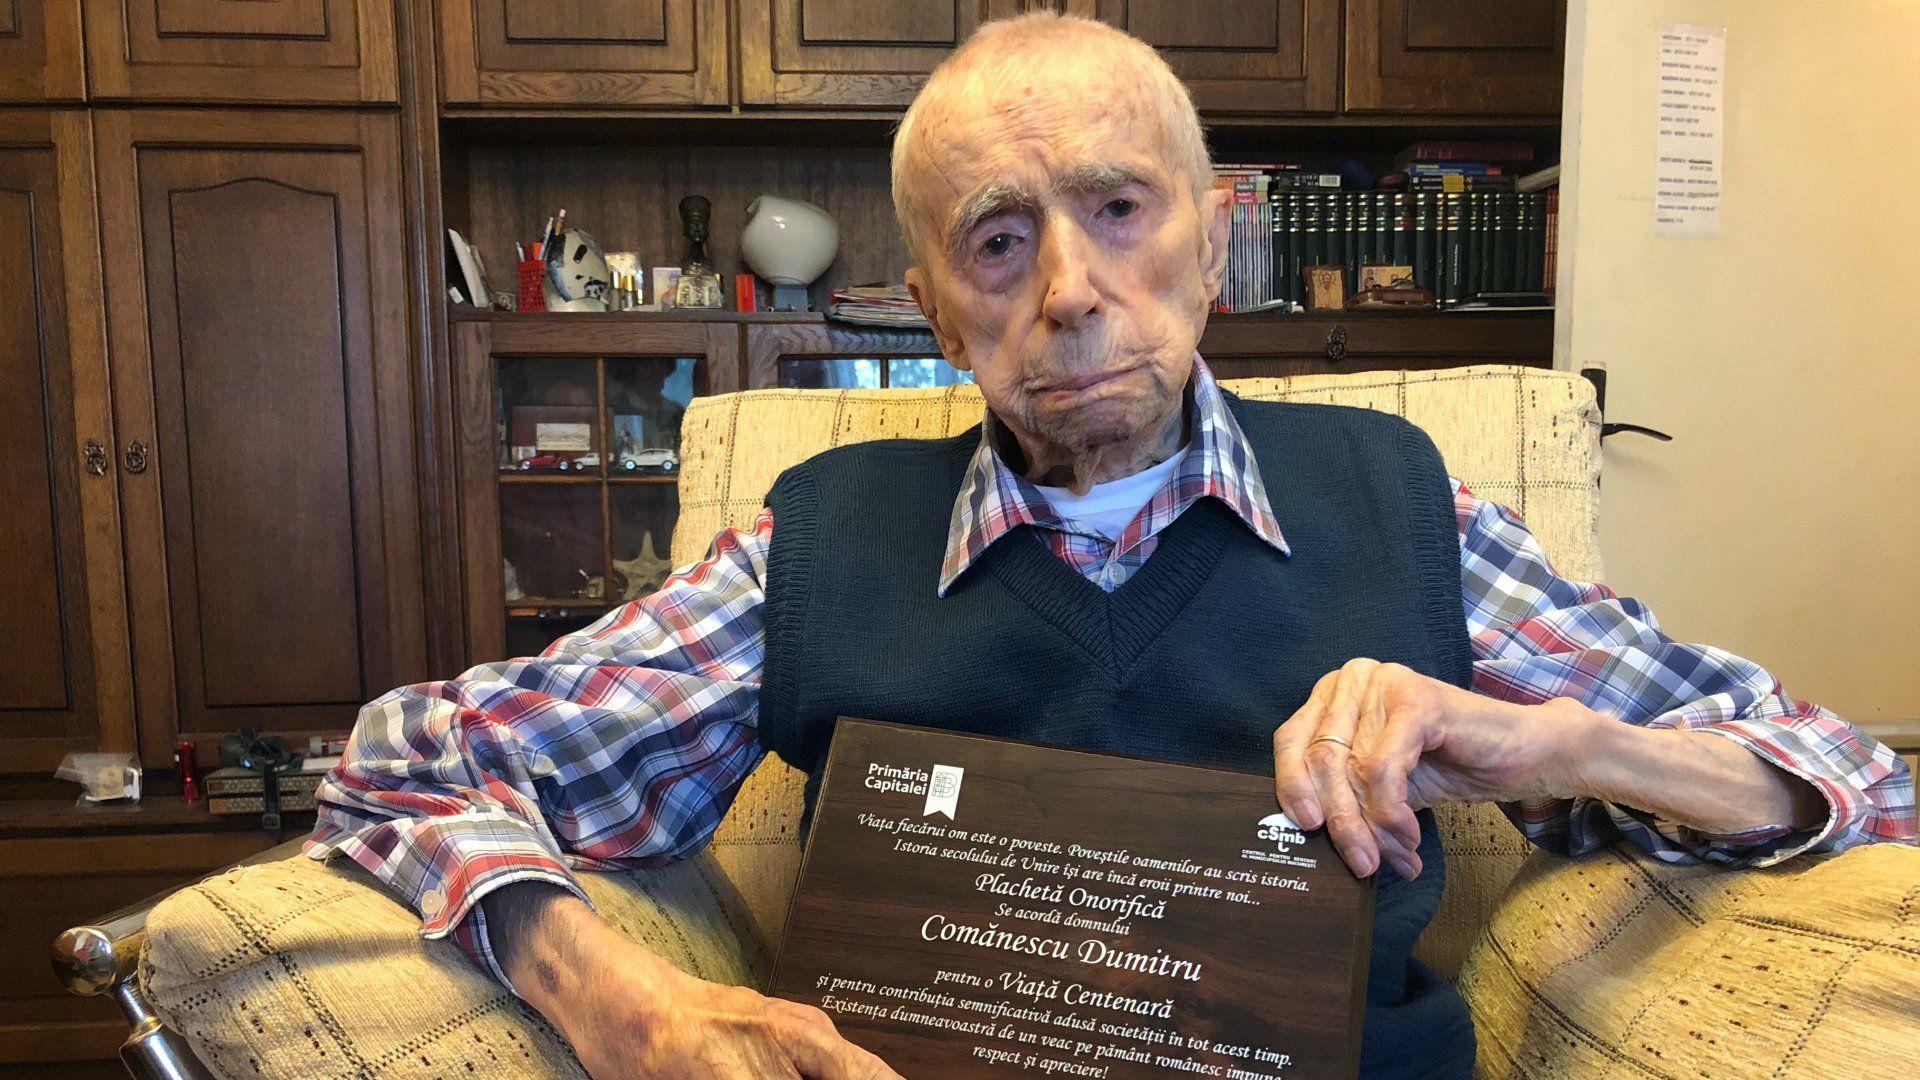 Dumitru Comănescu, a világ legidősebb férfija